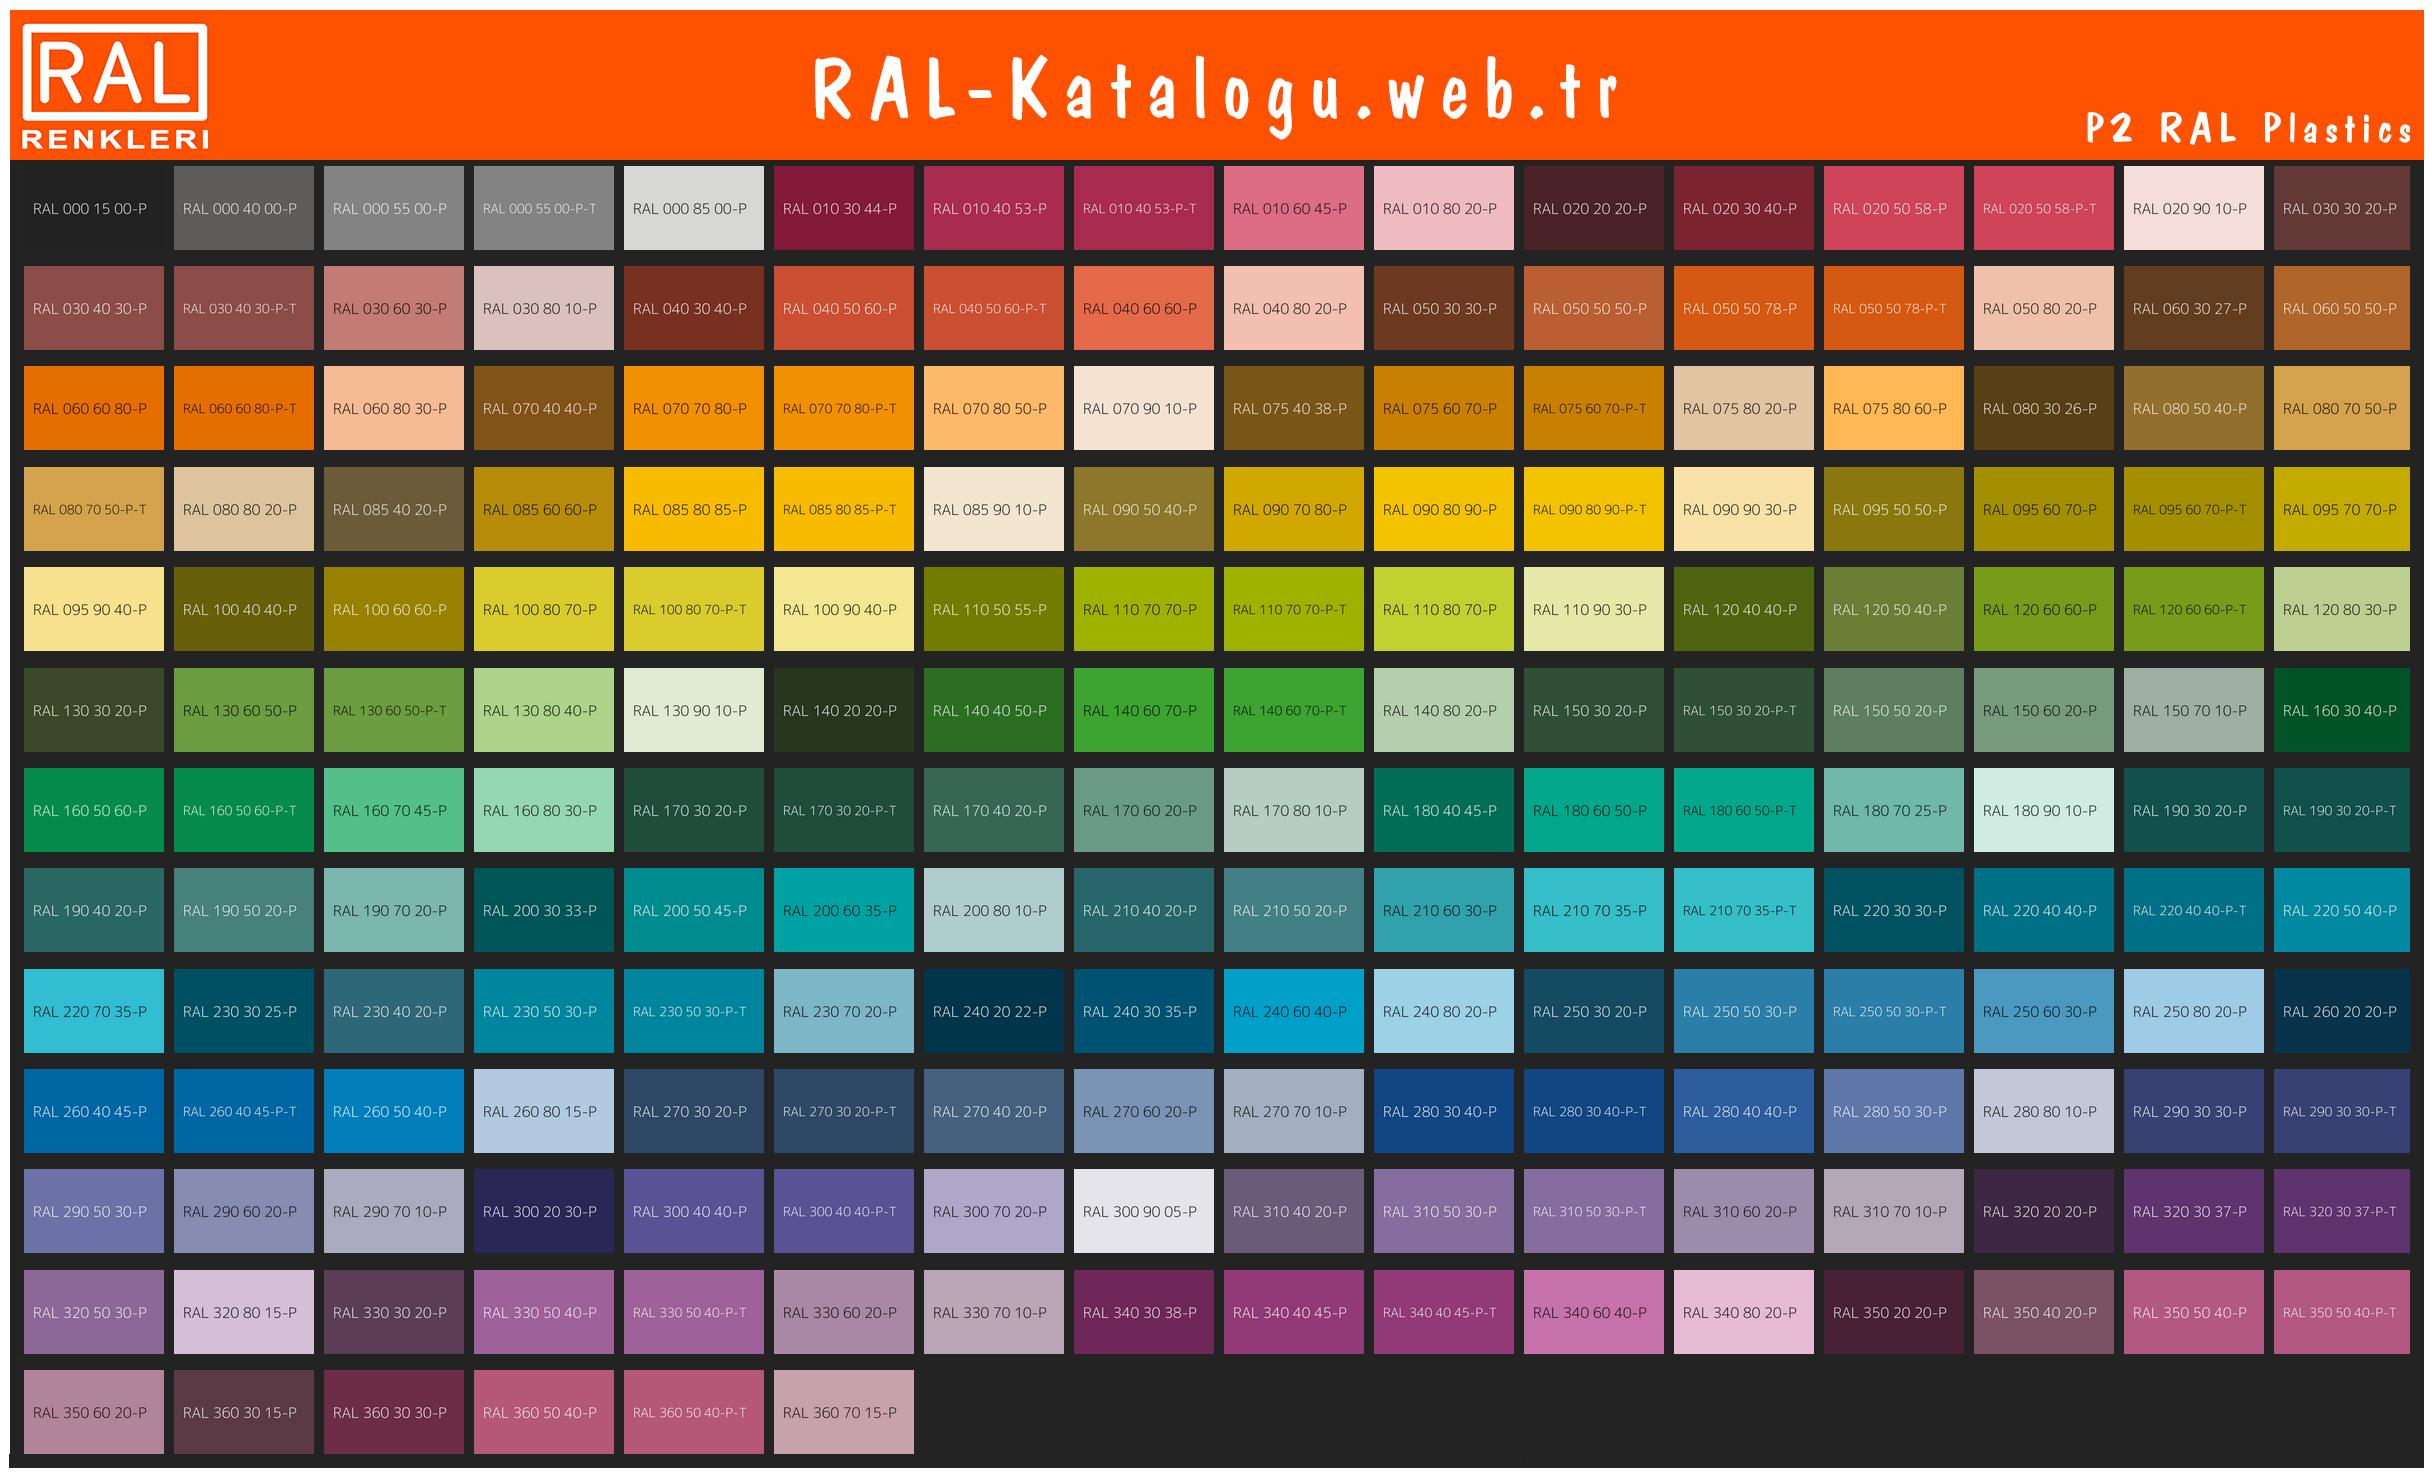 RAL P2 Plastik renkleri kataloğu kartelasi